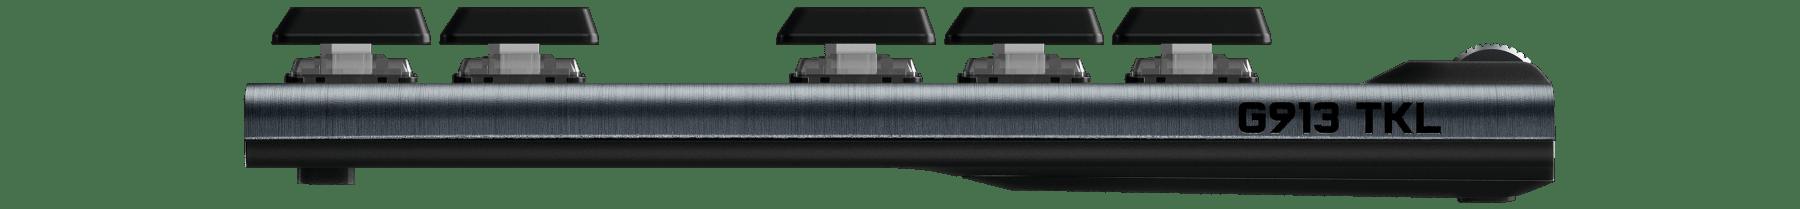 G915 | Vật liệu cao cấp